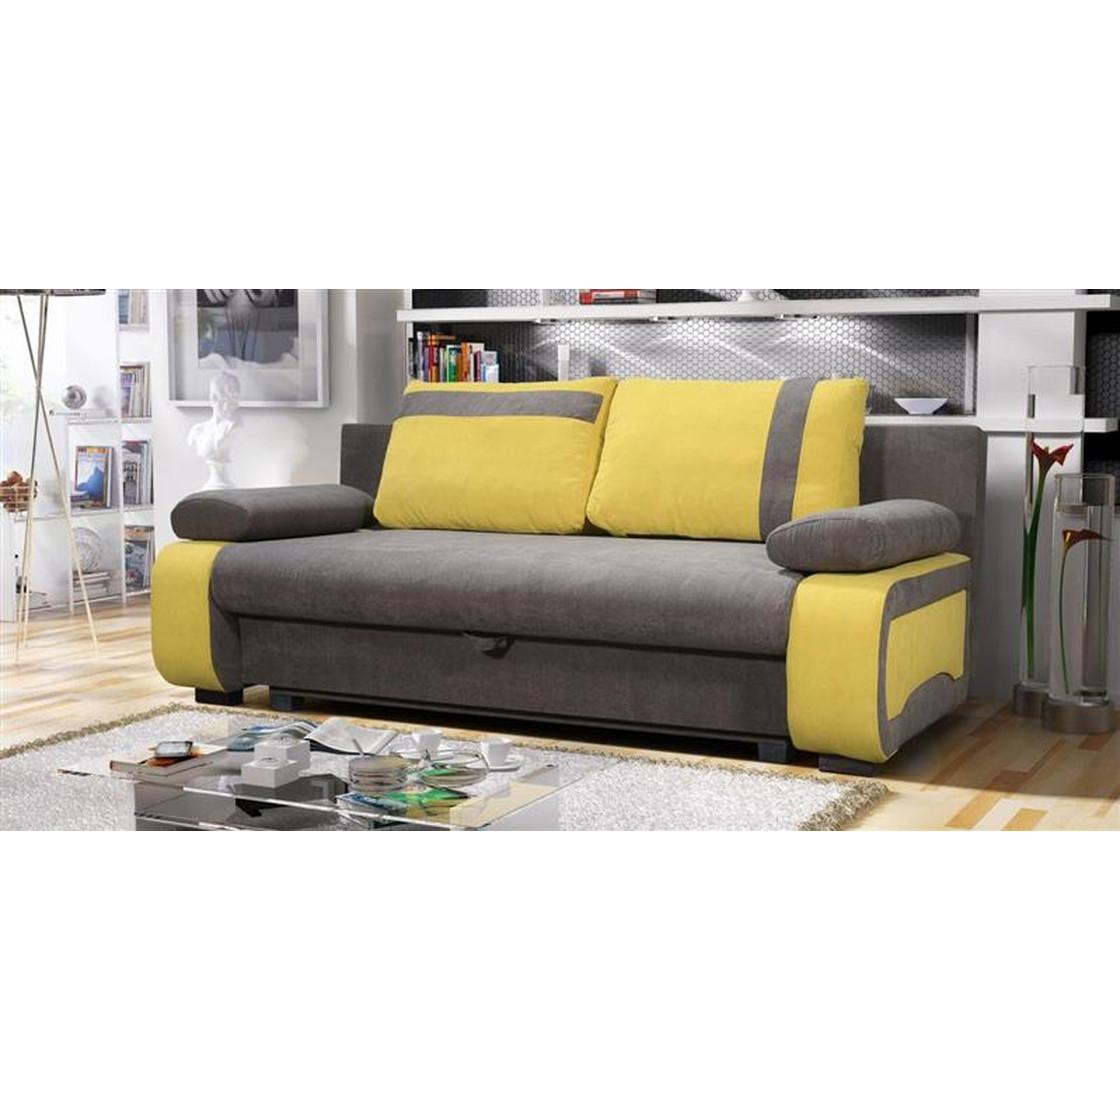 Full Size of Sofa Schlaffunktion Polster Dorado Elegante Inkl Mondo Kissen Big L Form Relaxfunktion Für Esstisch Mit 3 Sitzer Stilecht U Xxl 2 1 Reinigen Stoff Grau Sofa Sofa Schlaffunktion